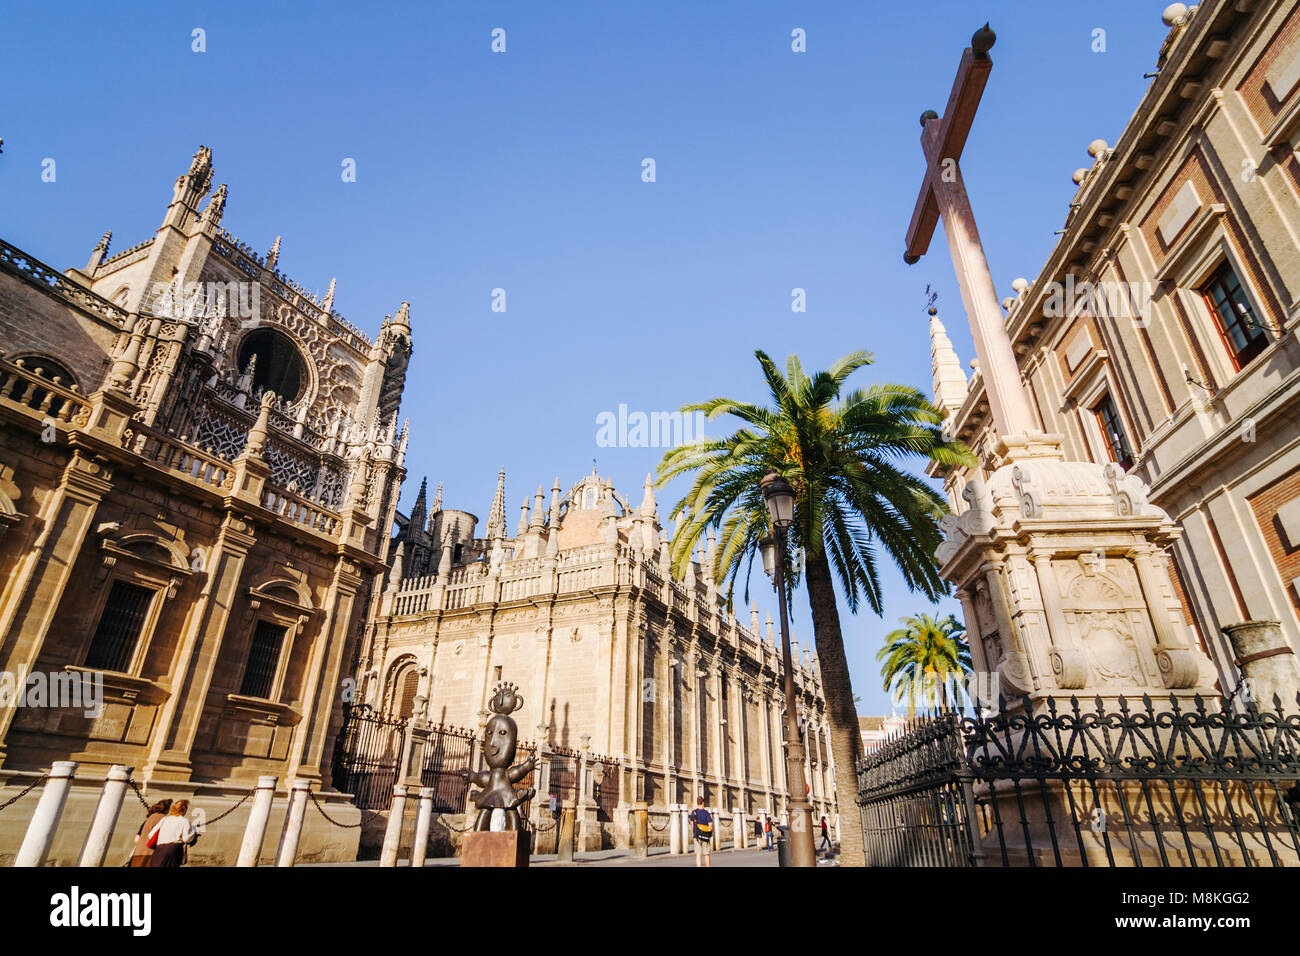 Sevilla, Andalucía, España : listado por la Unesco de Sevilla, la catedral gótica más grande Imagen De Stock